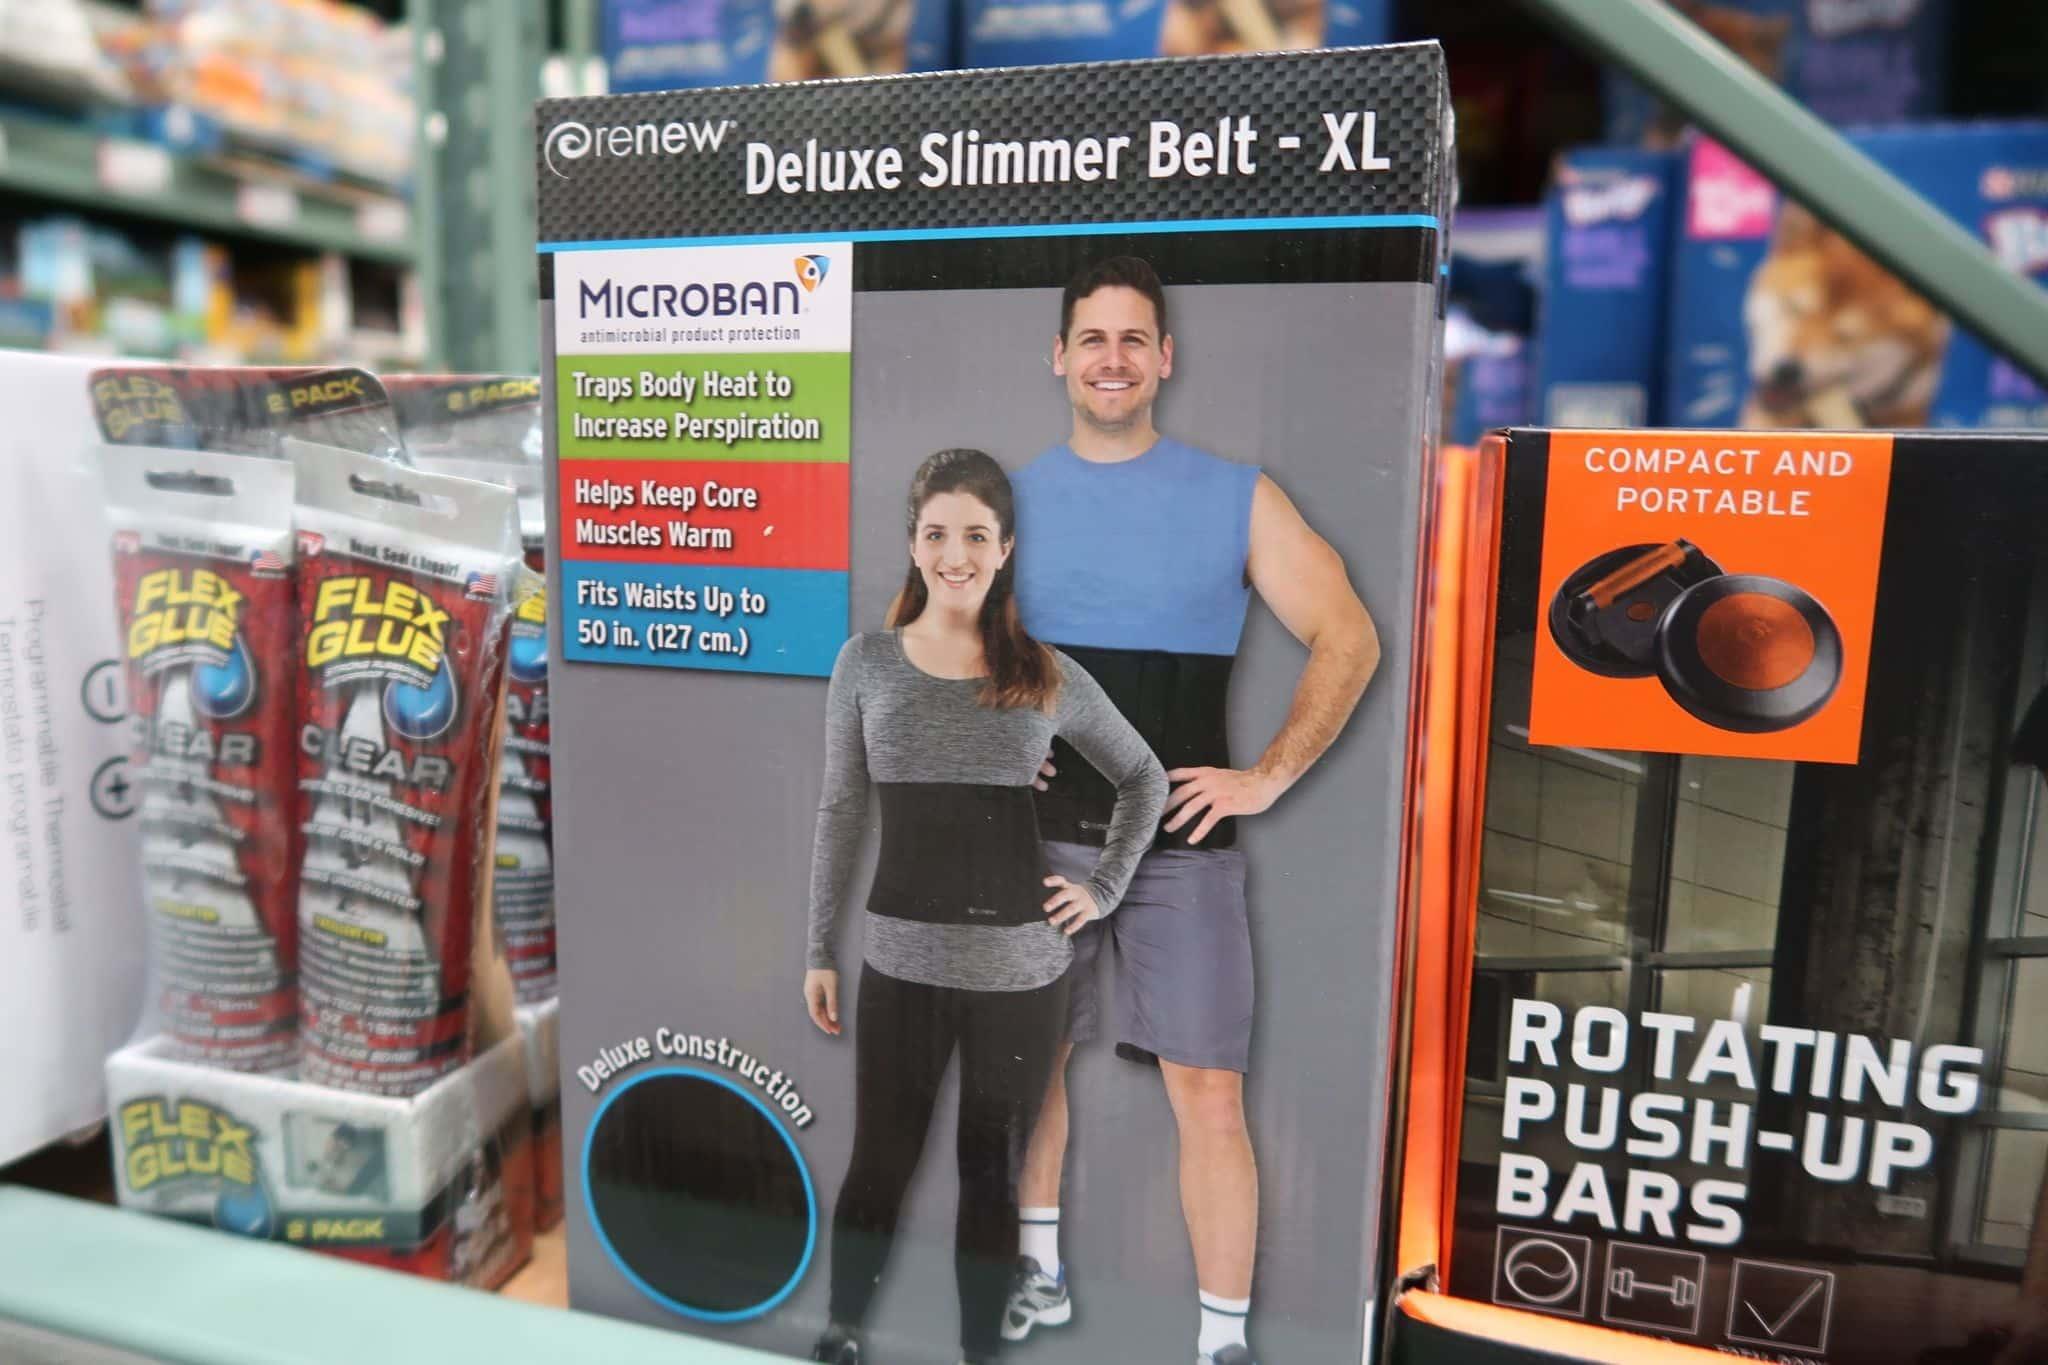 Renew Deluxe Slimmer Belt XL $5.98